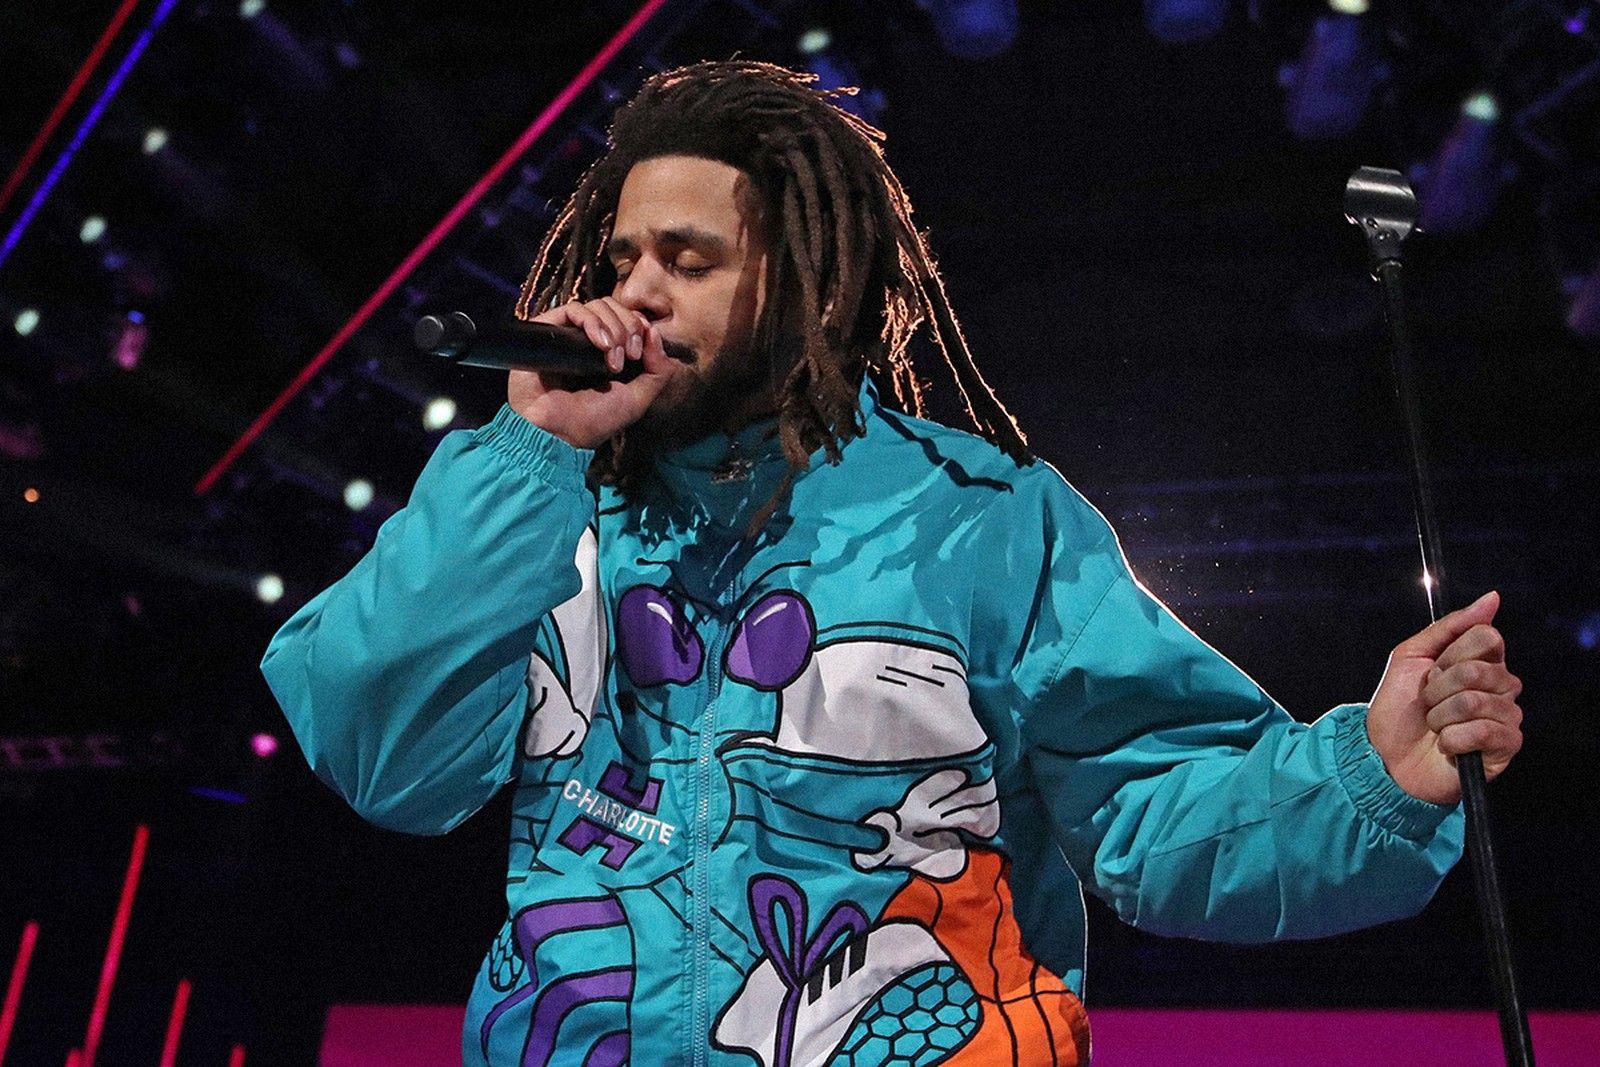 J. Cole US-amerikanischer Rap-Musiker verschiebt Album auf 2022